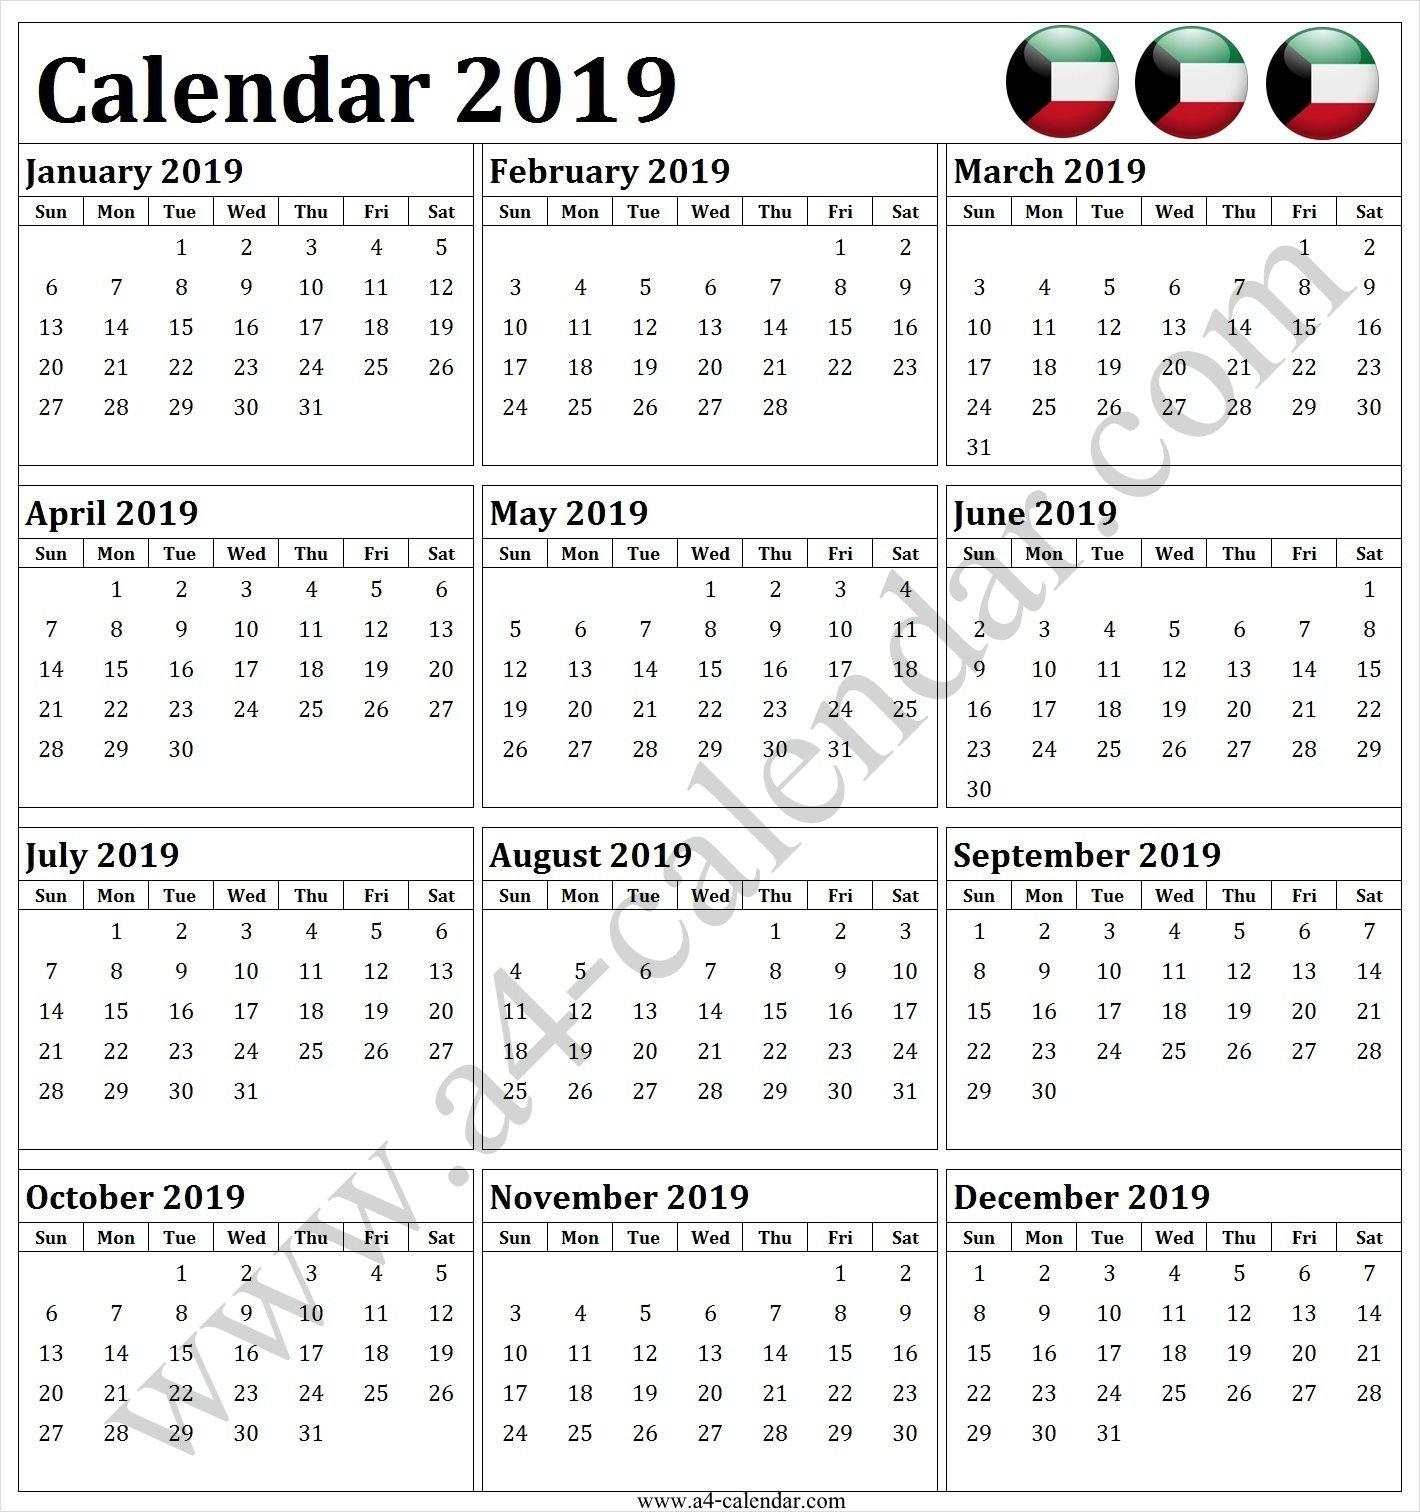 Calendar 2019 Kuwait | 2019 Calendar Editable Template | Pinterest Calendar 2019 Kuwait